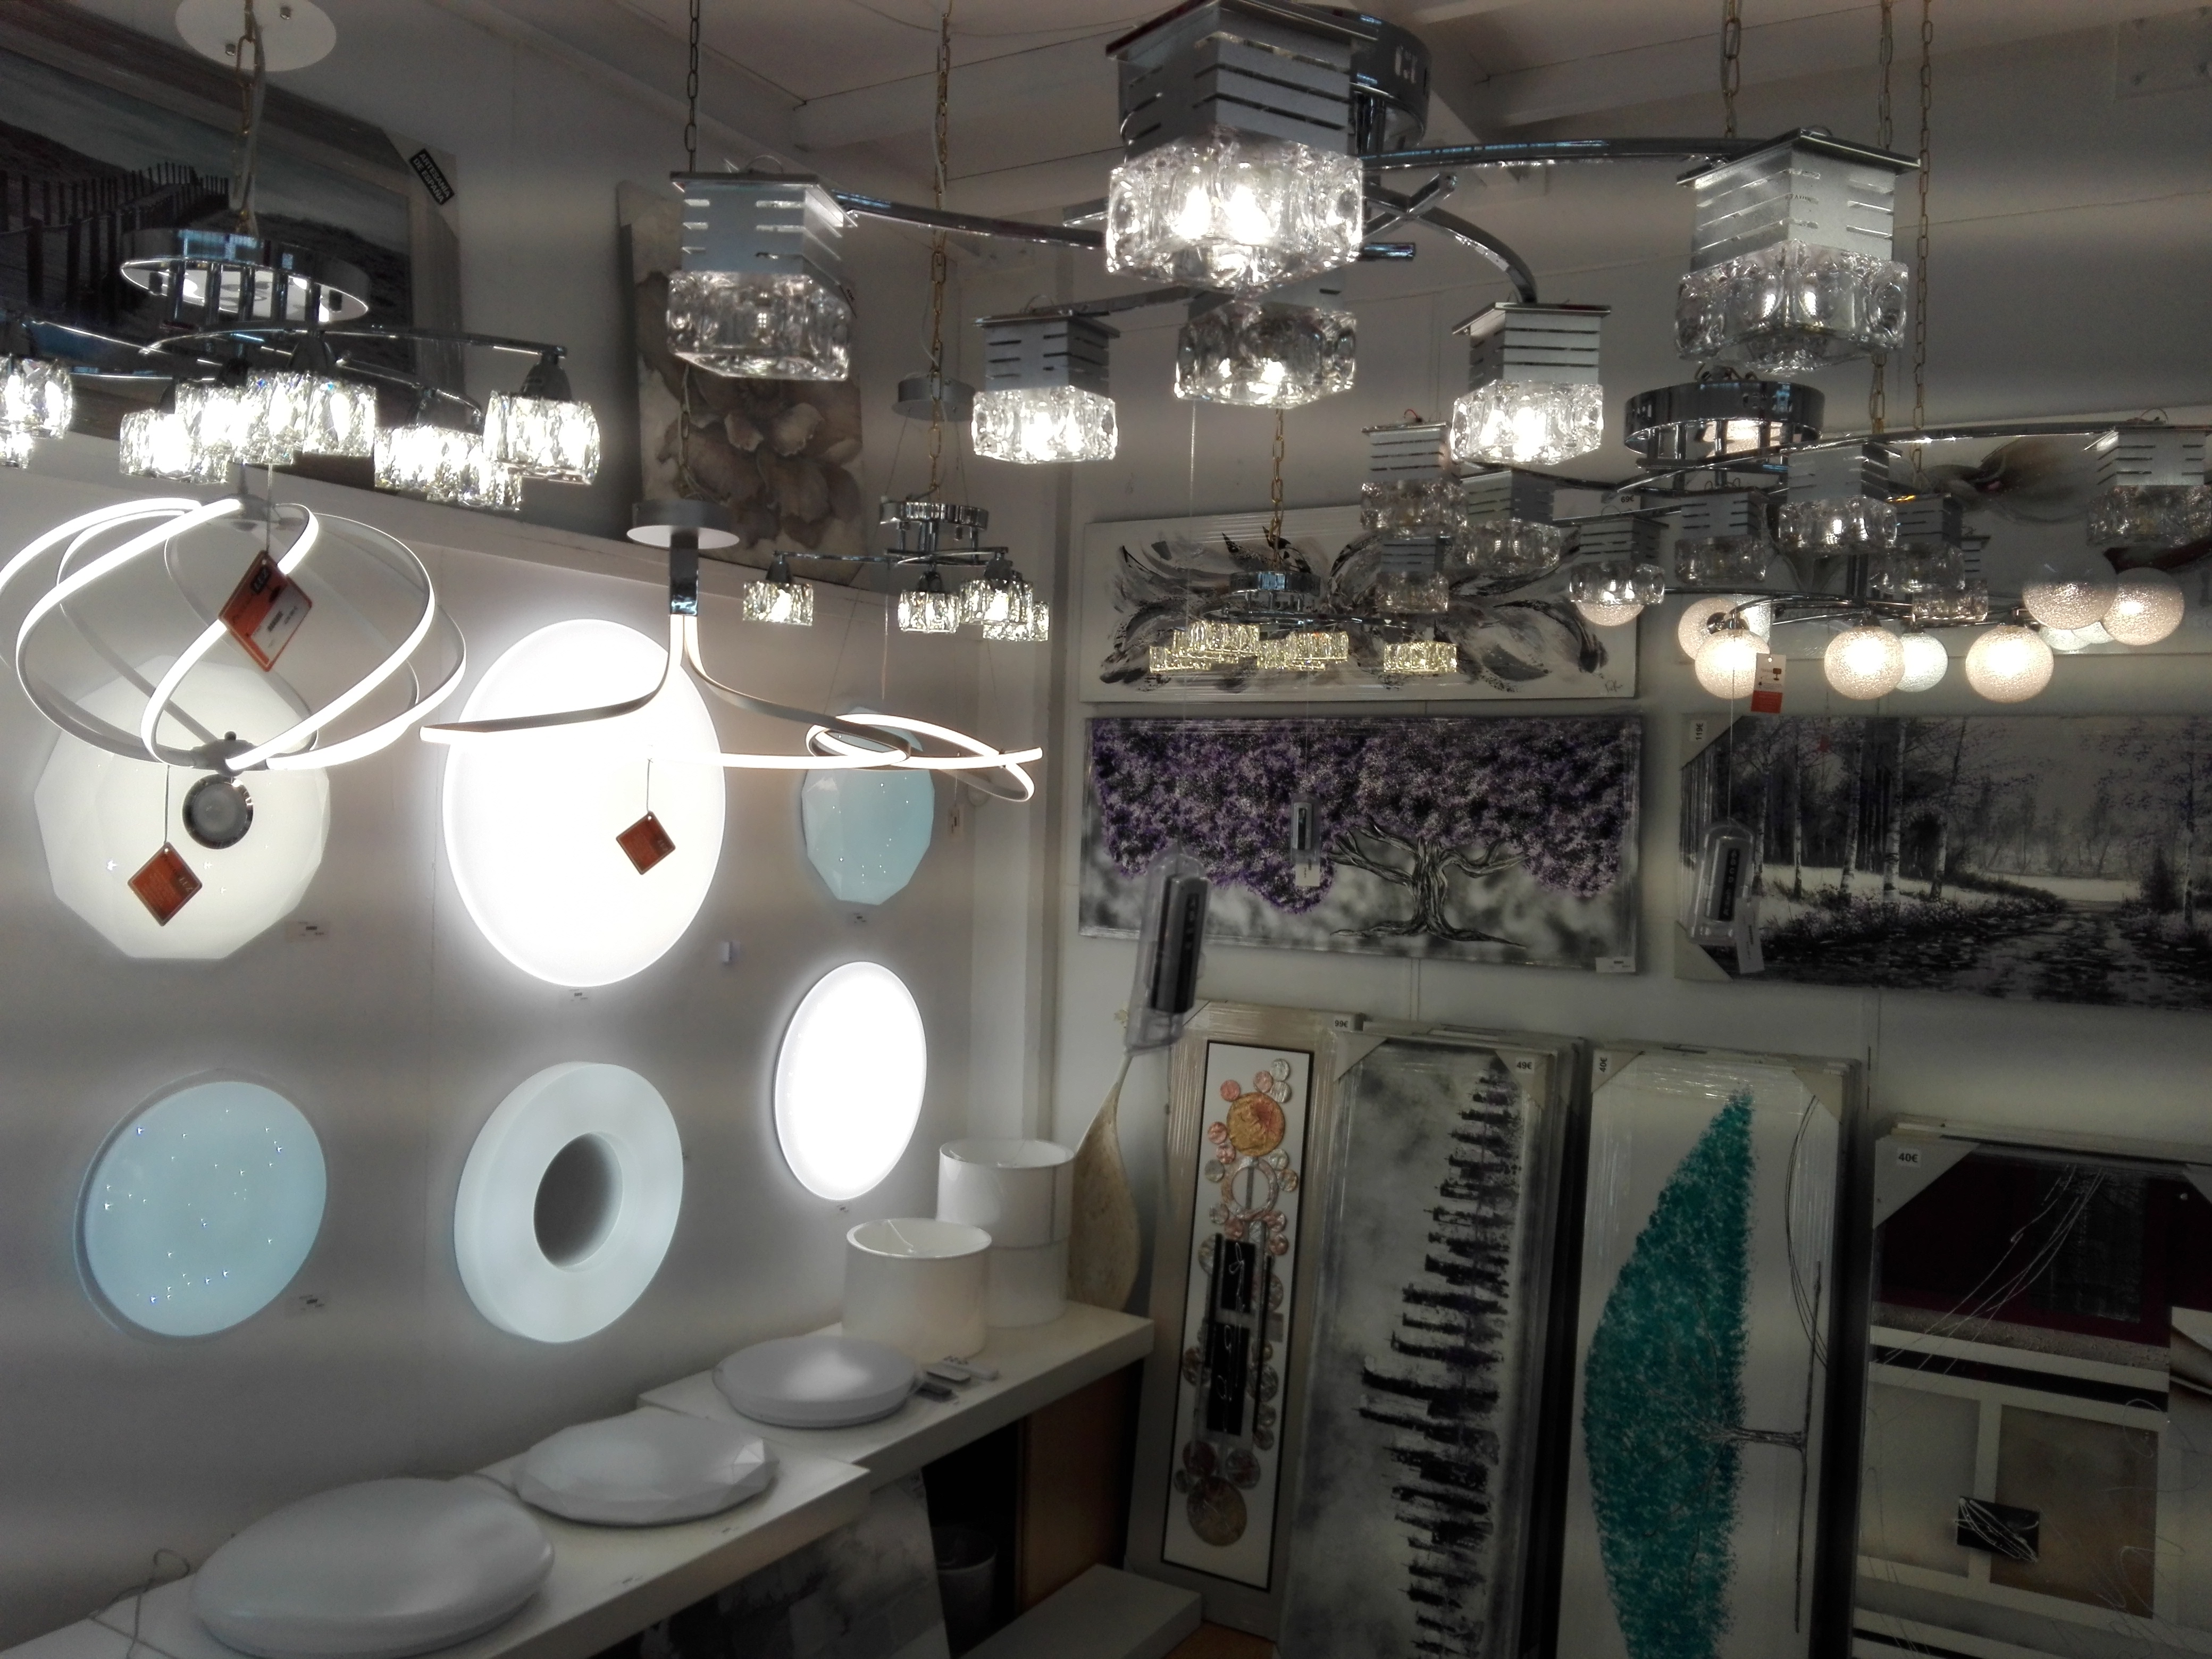 tiendas lamparas burgos tiendas de lamparas lamparas burgos tiendas de de en en xBdoeC